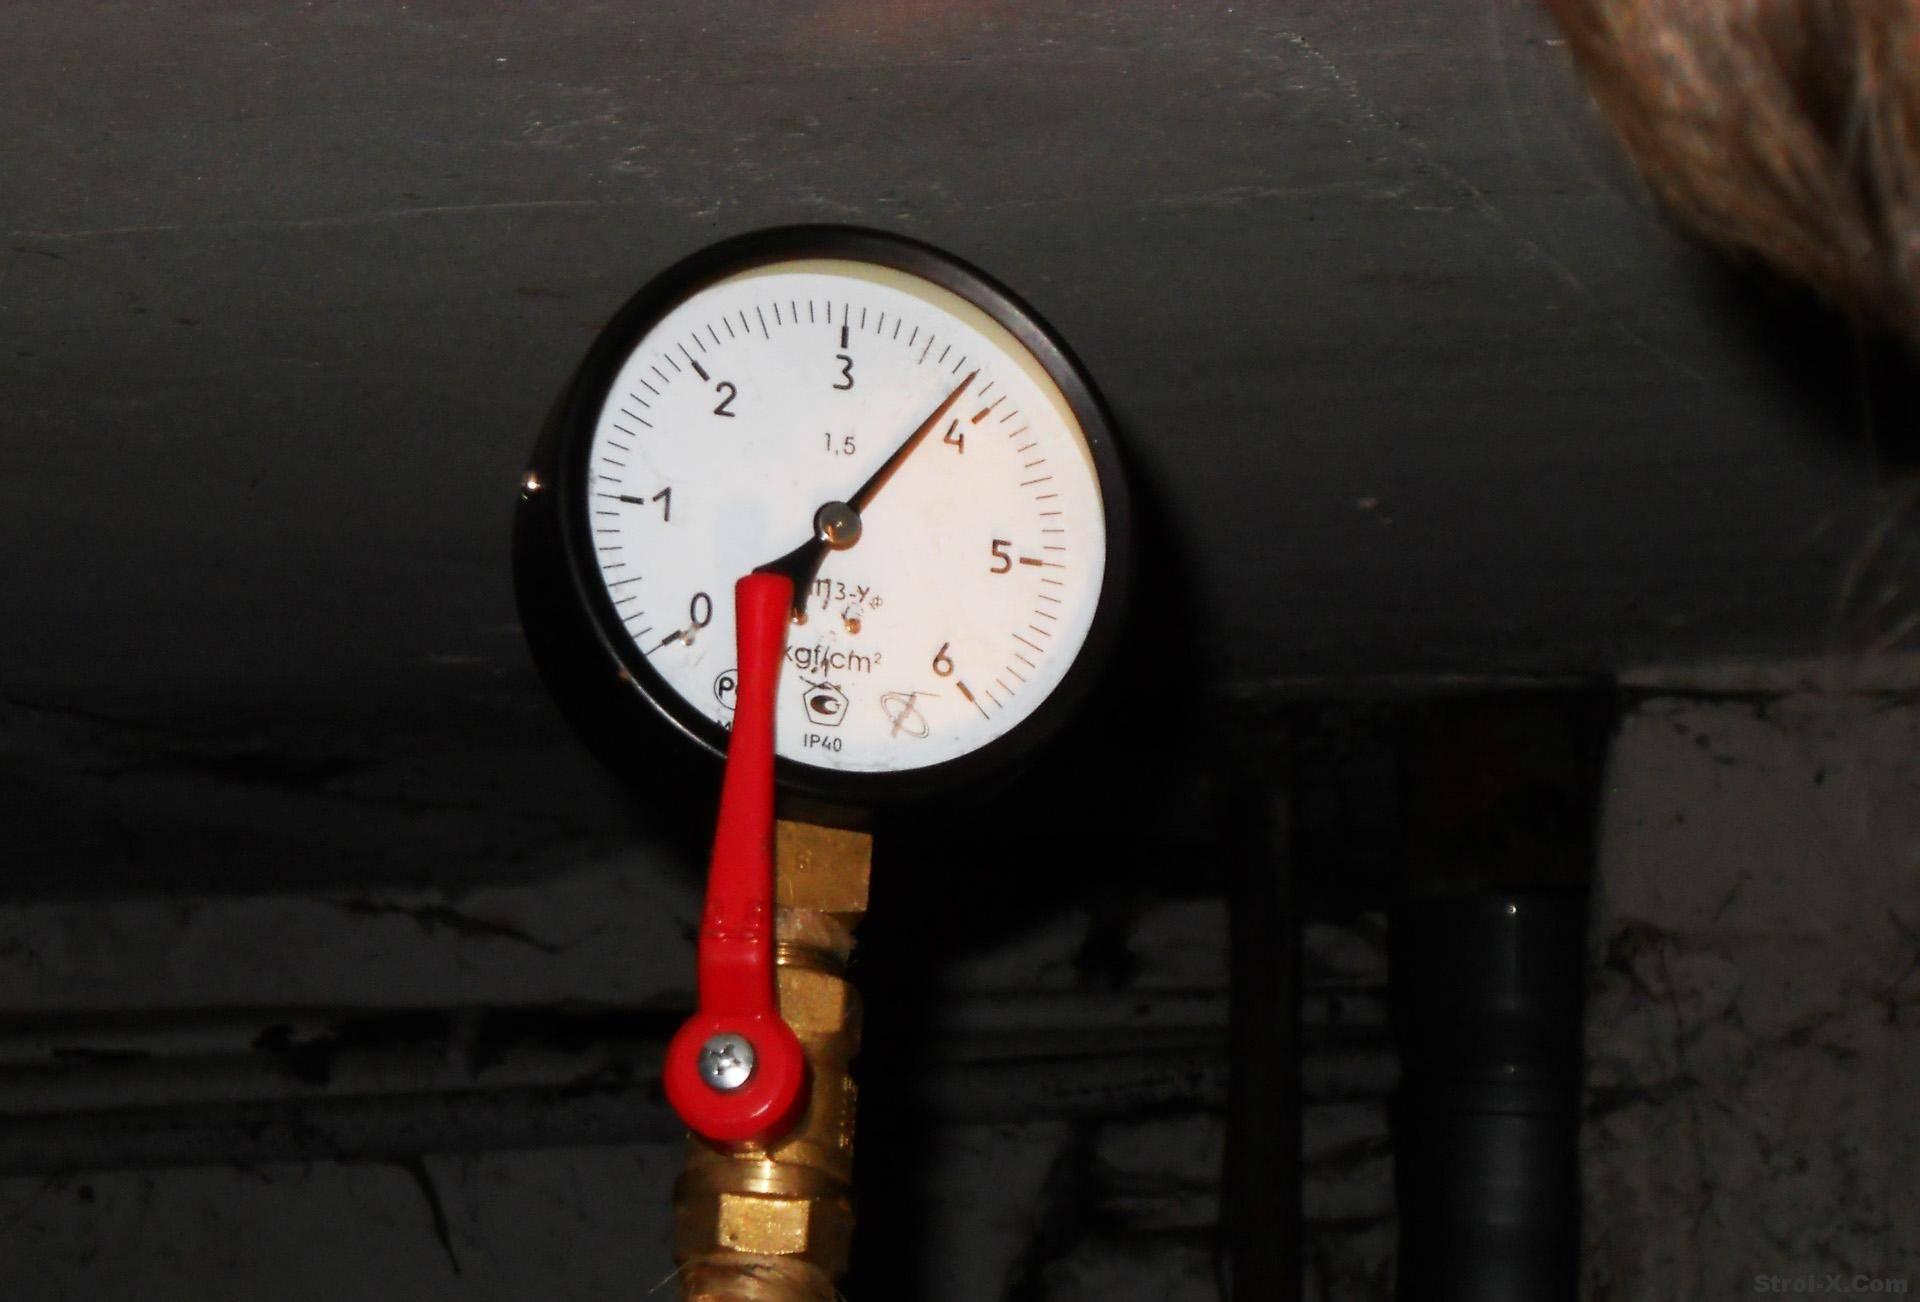 Давление в системе отопления в частном доме, рабочие показатели и причины, почему оно падает